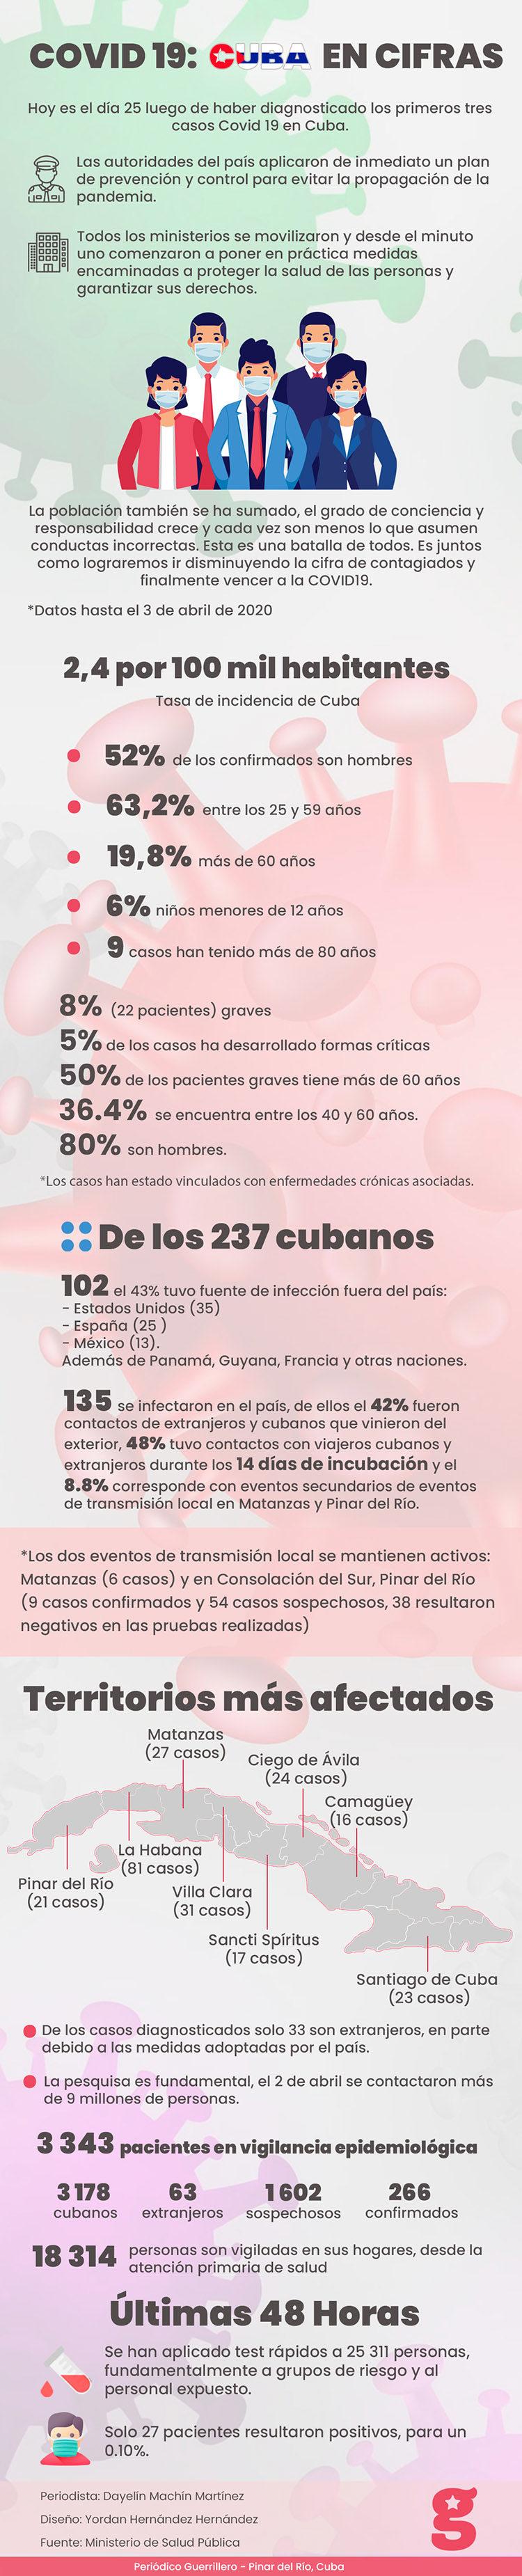 COVID 19: Cuba en cifras